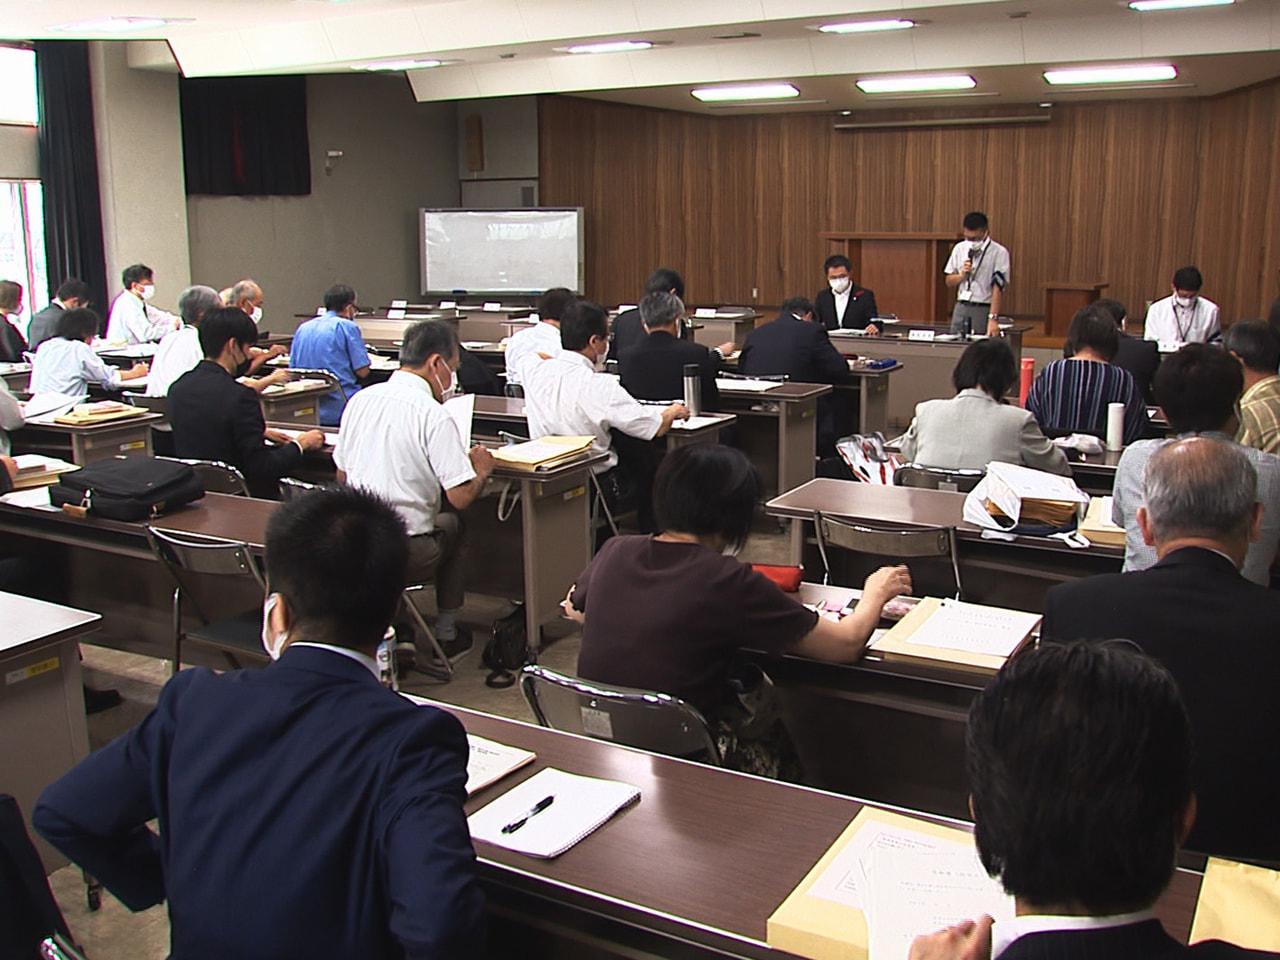 今月31日に投開票が行われる見通しの衆議院選挙。 岐阜県内5つの小選挙区の立候補...